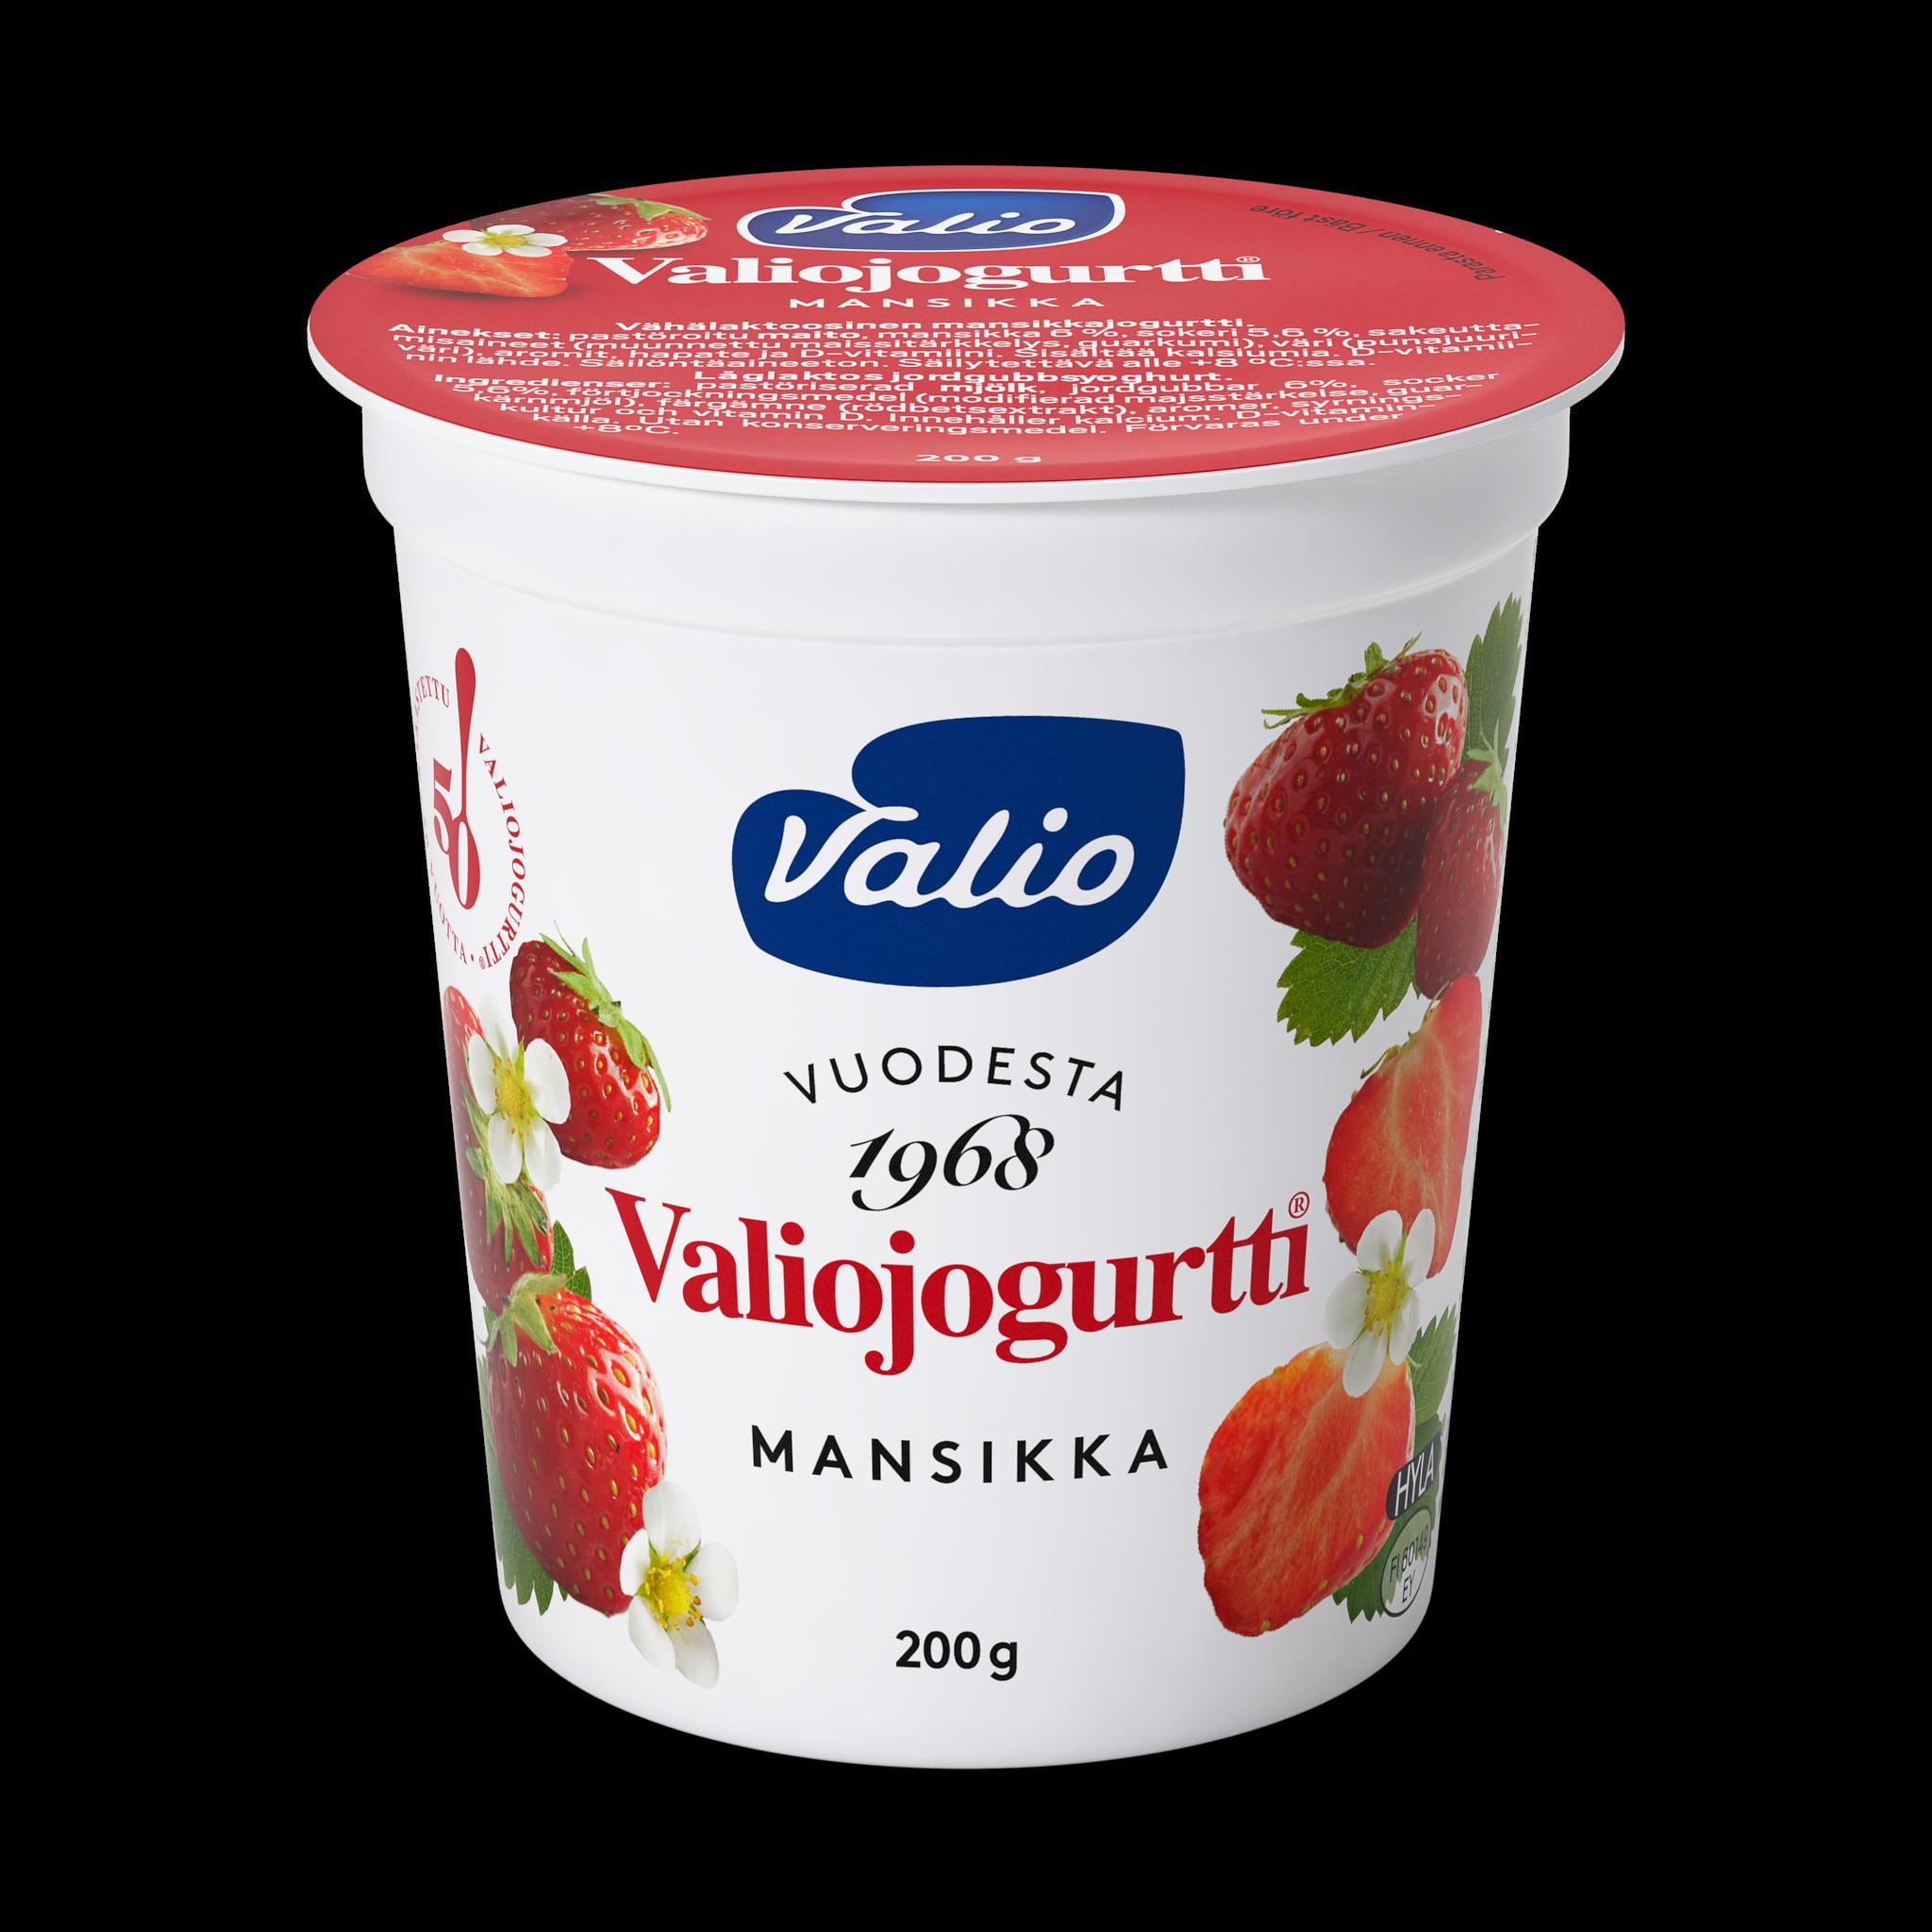 Valiojogurtti® mansikka HYLA®